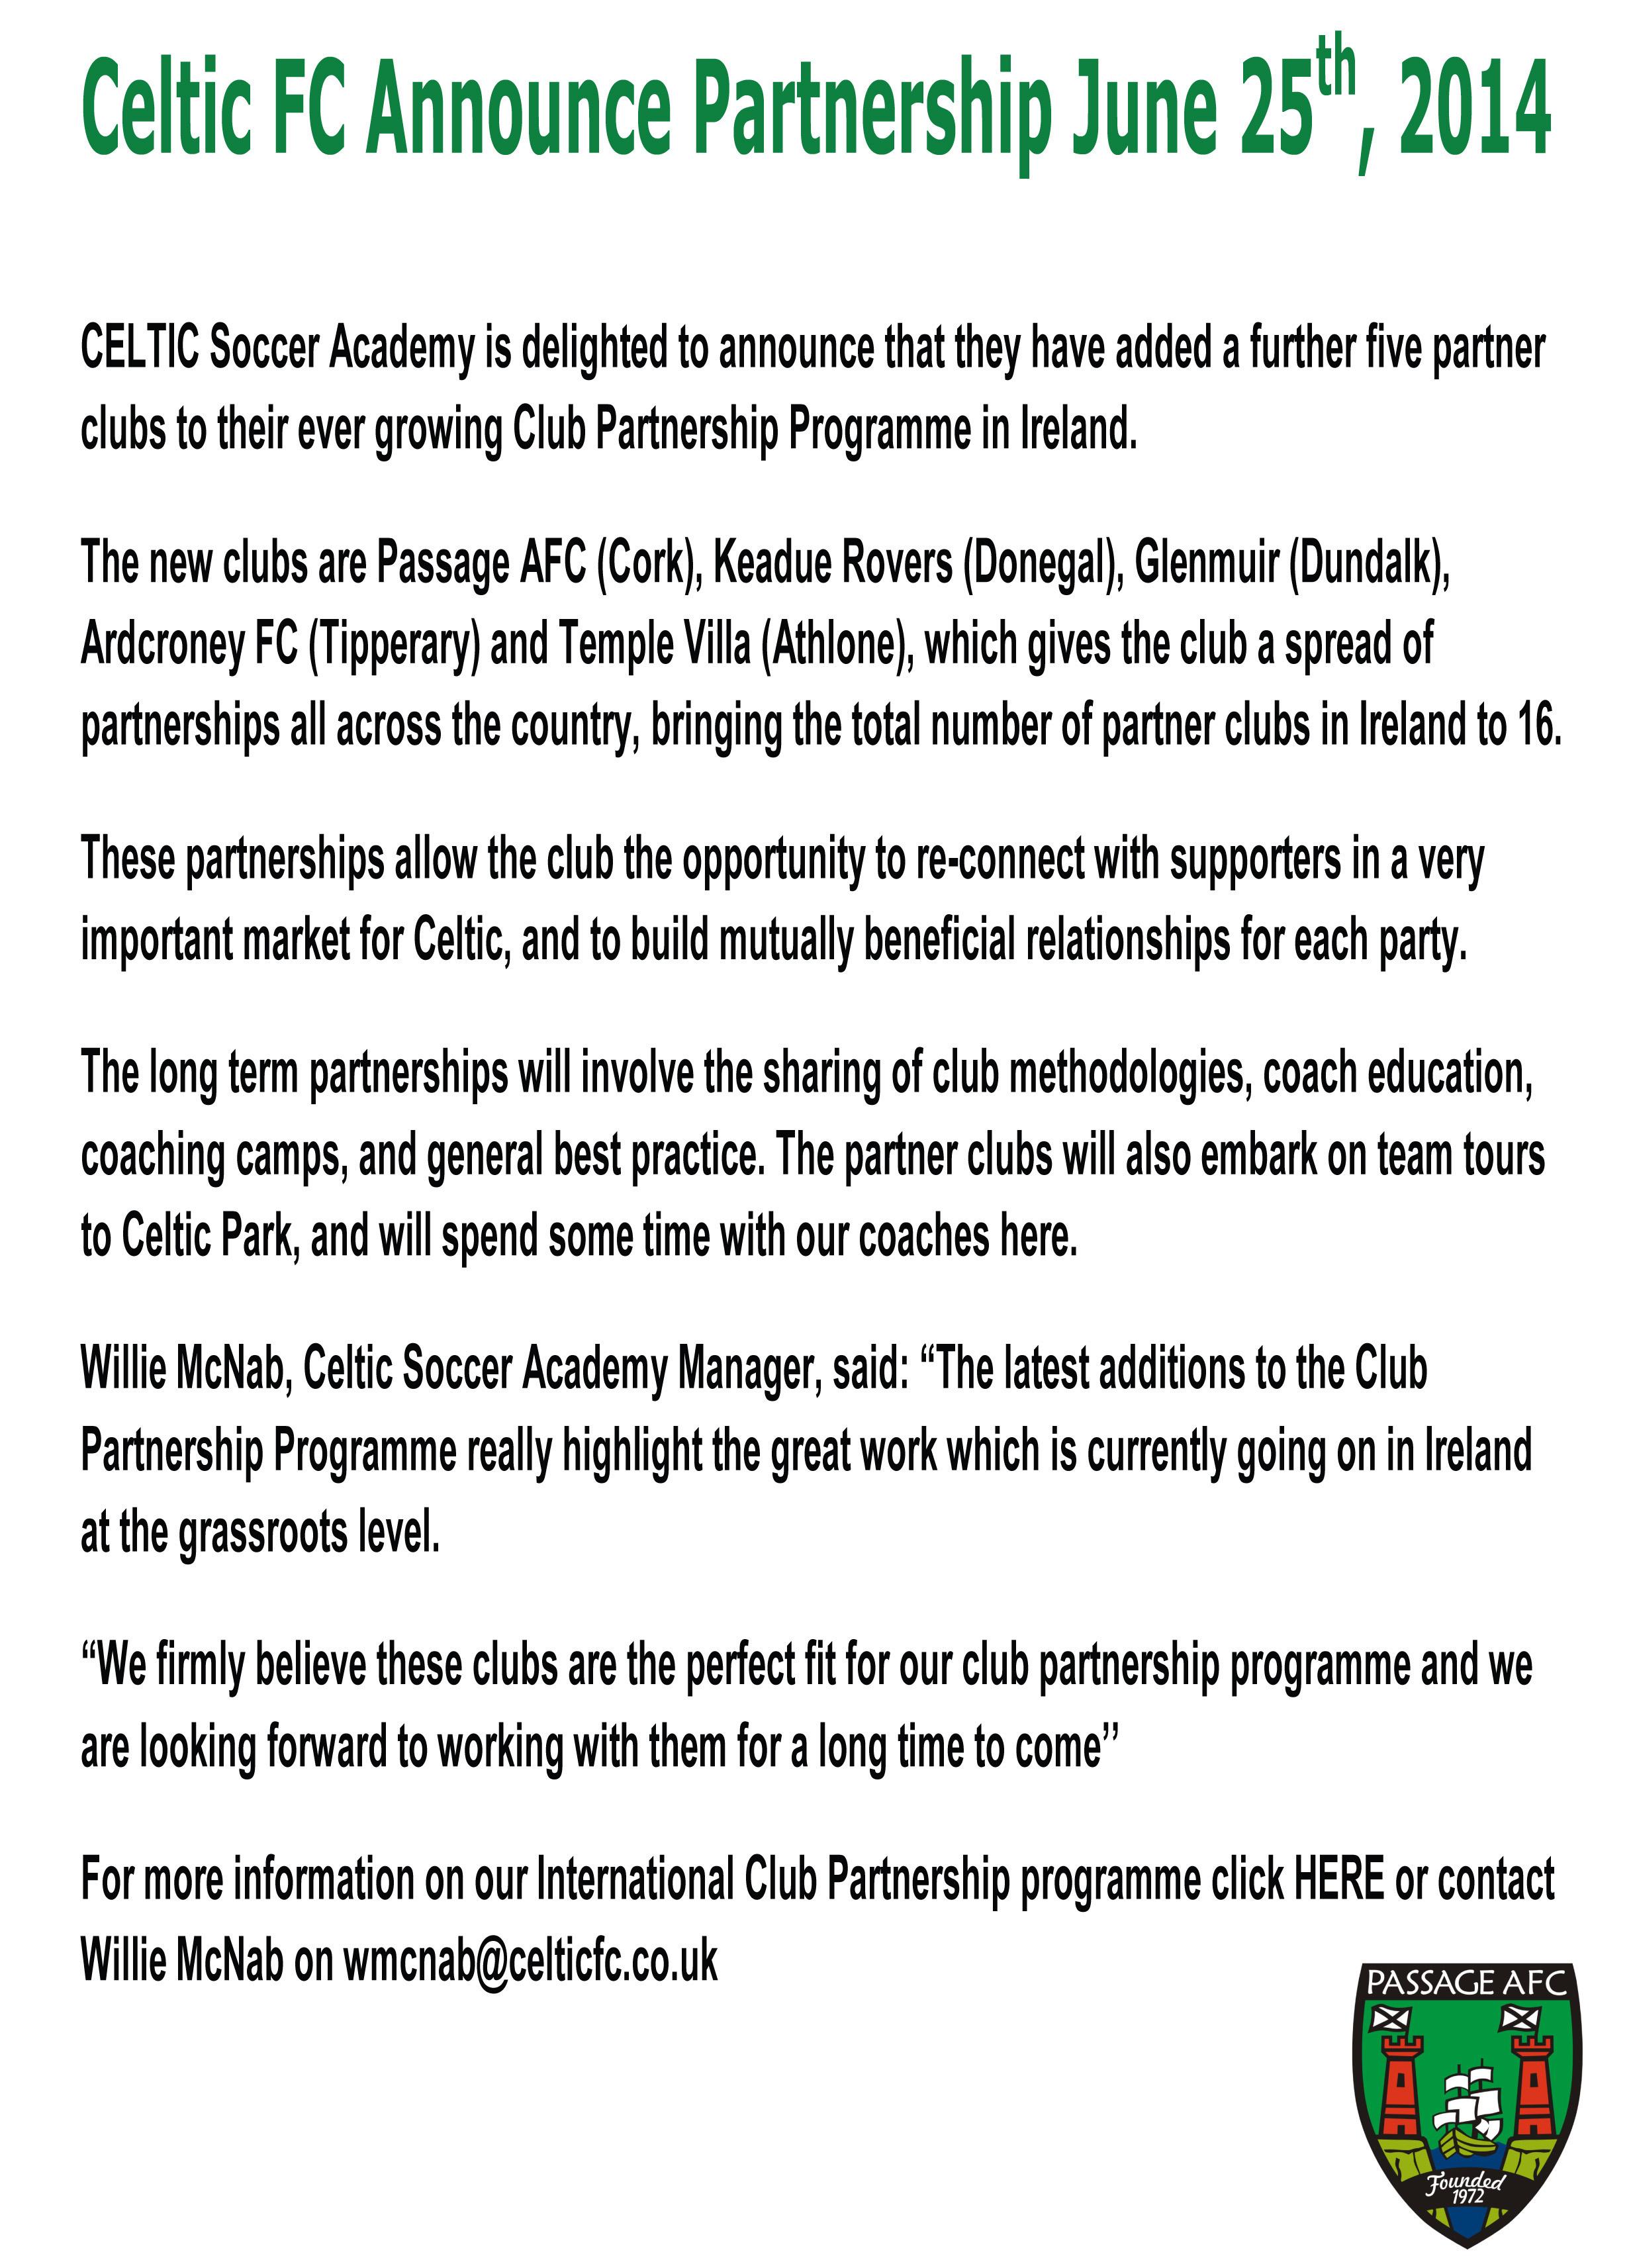 Celtic FC Announcement